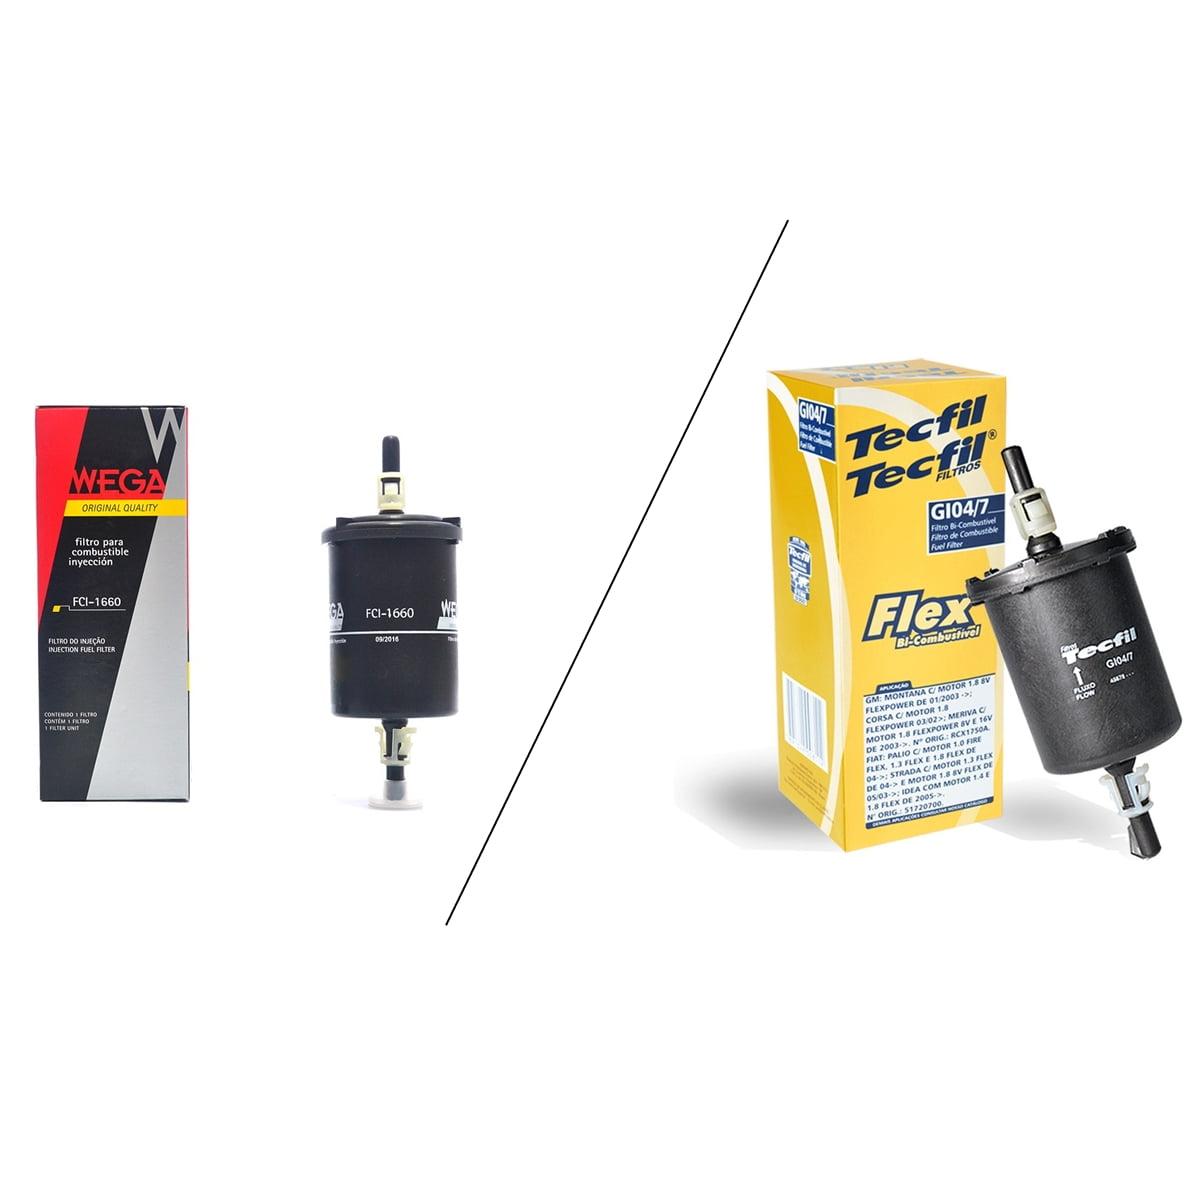 Filtro de combustível Wega FCI1660 / Tecfil GI04/7